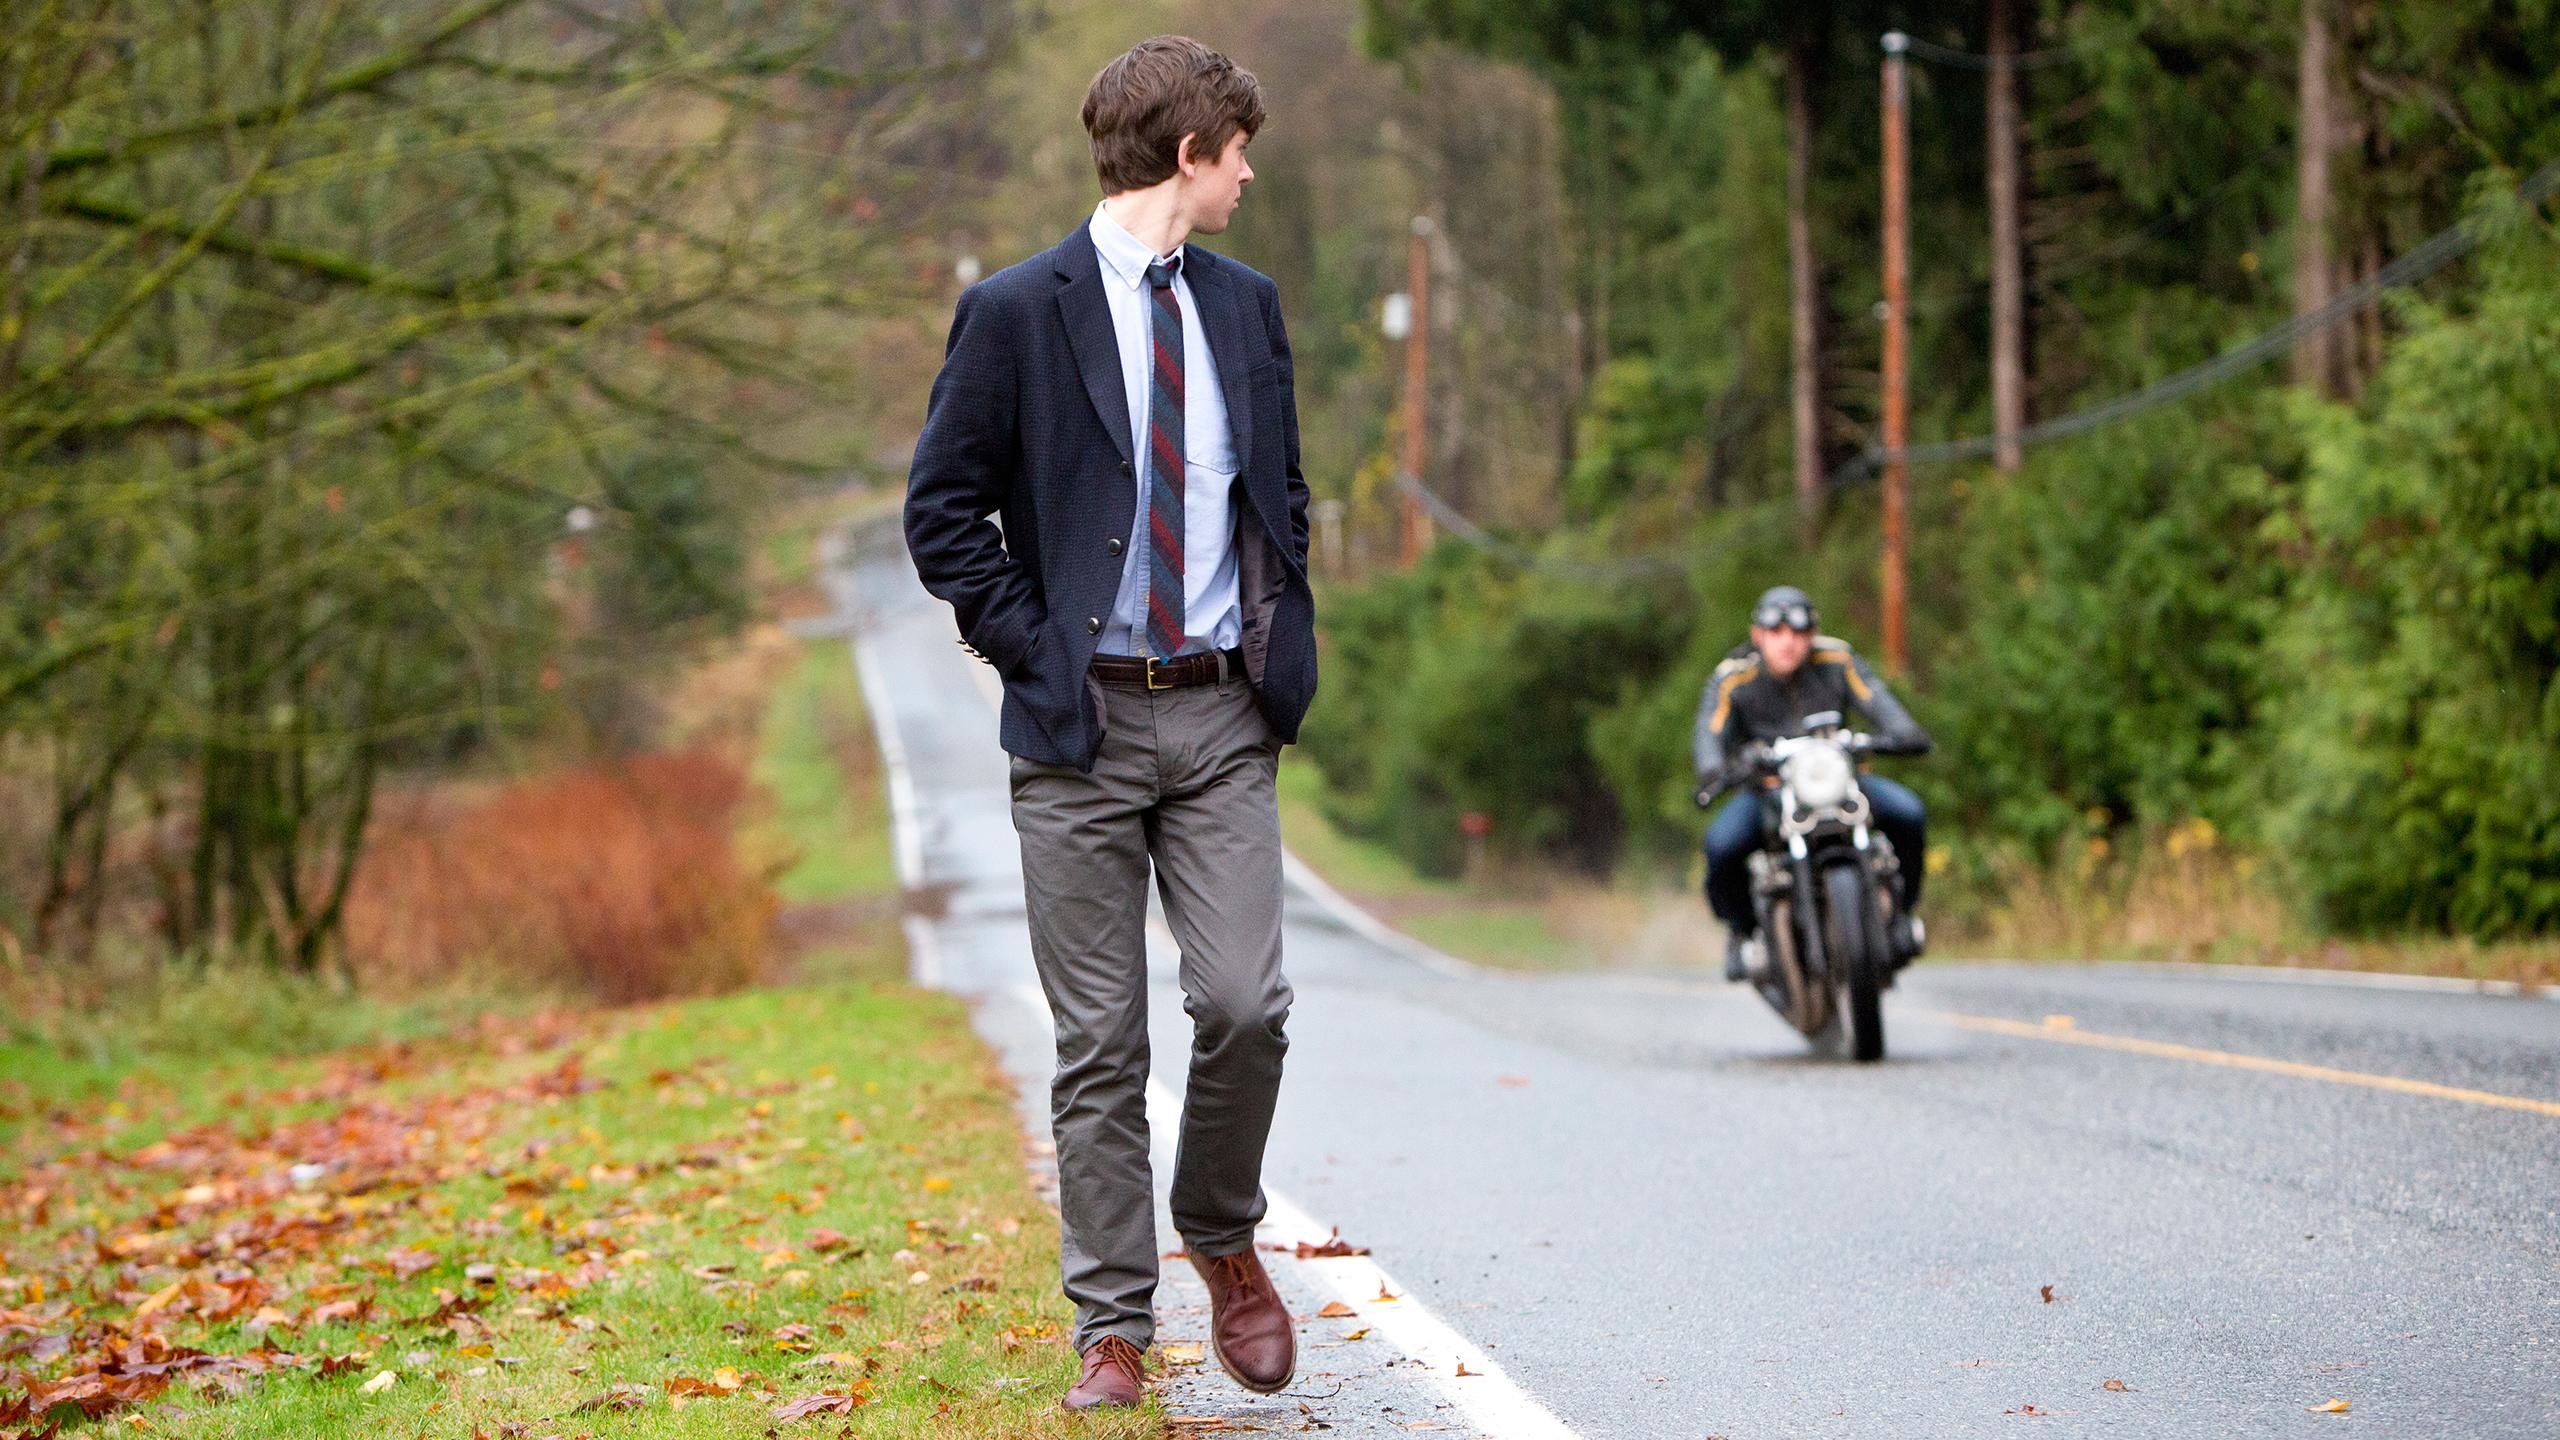 File:07-norman-spots-dylan-as-he-walks.jpg